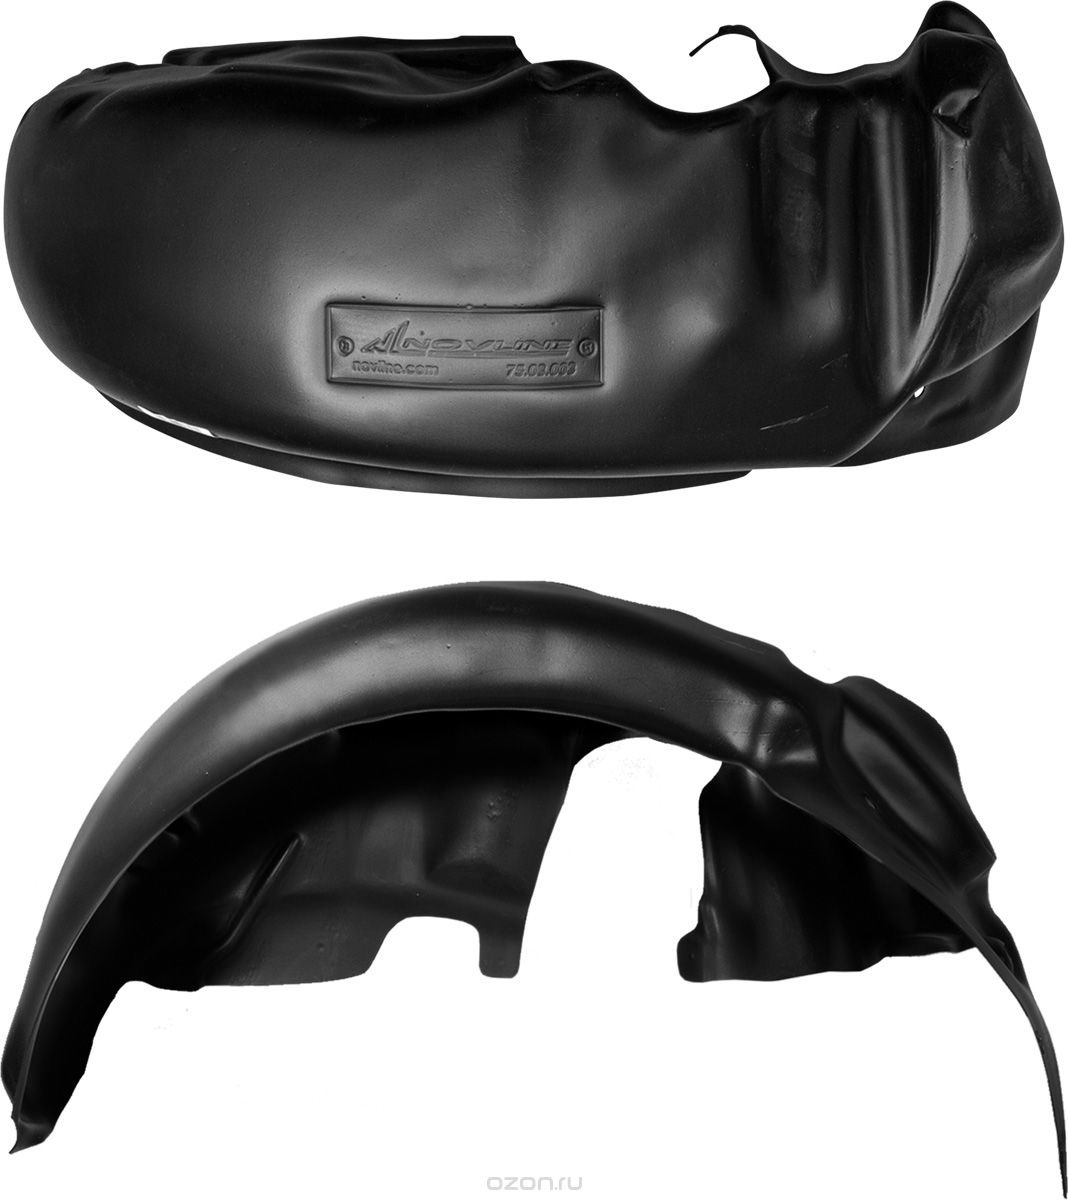 Подкрылок Novline-Autofamily, для TOYOTA Corolla 01/2007-2010, 2010-2013, передний правыйNLL.48.15.002Идеальная защита колесной ниши. Локеры разработаны с применением цифровых технологий, гарантируют максимальную повторяемость поверхности арки. Изделия устанавливаются без нарушения лакокрасочного покрытия автомобиля, каждый подкрылок комплектуется крепежом. Уважаемые клиенты, обращаем ваше внимание, что фотографии на подкрылки универсальные и не отражают реальную форму изделия. При этом само изделие идет точно под размер указанного автомобиля.